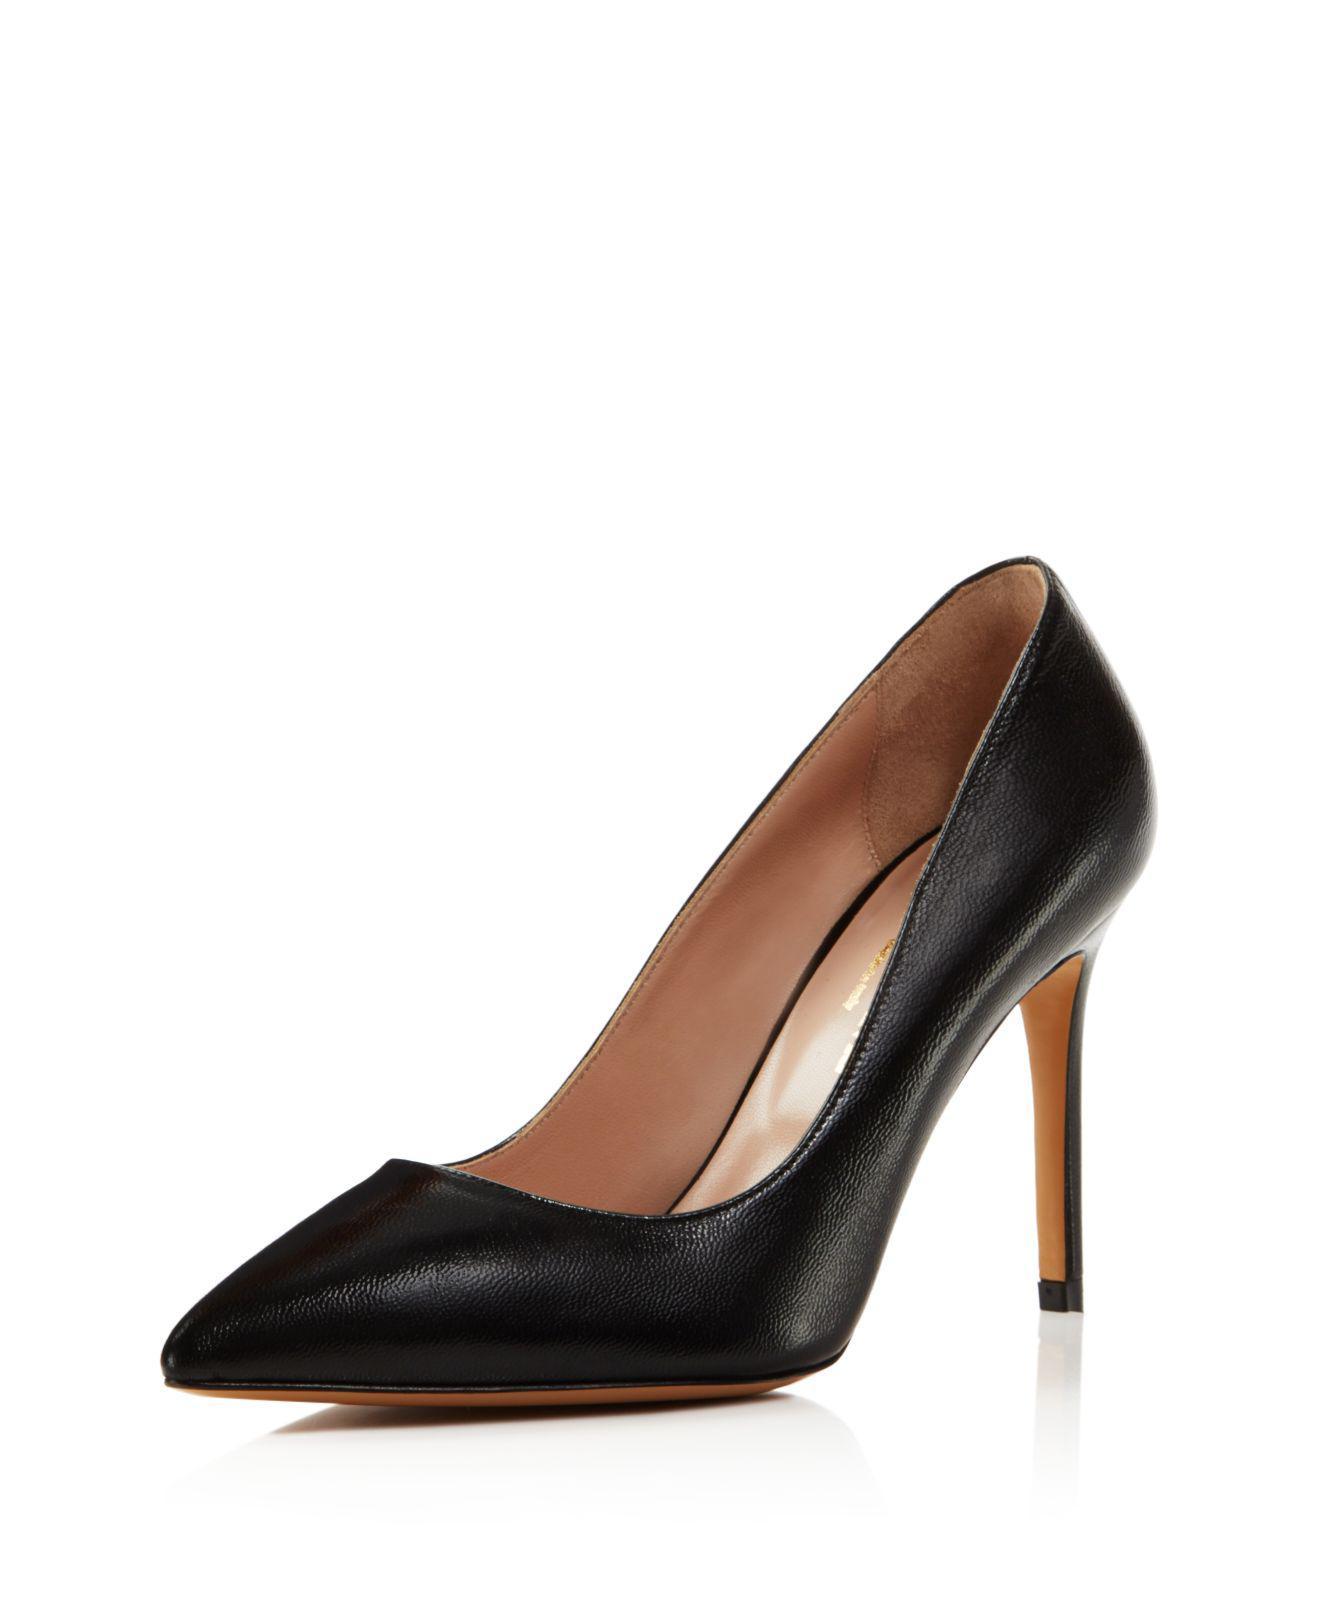 Charles David Genesis Leather Pointed Toe High Heel Pumps Black Women